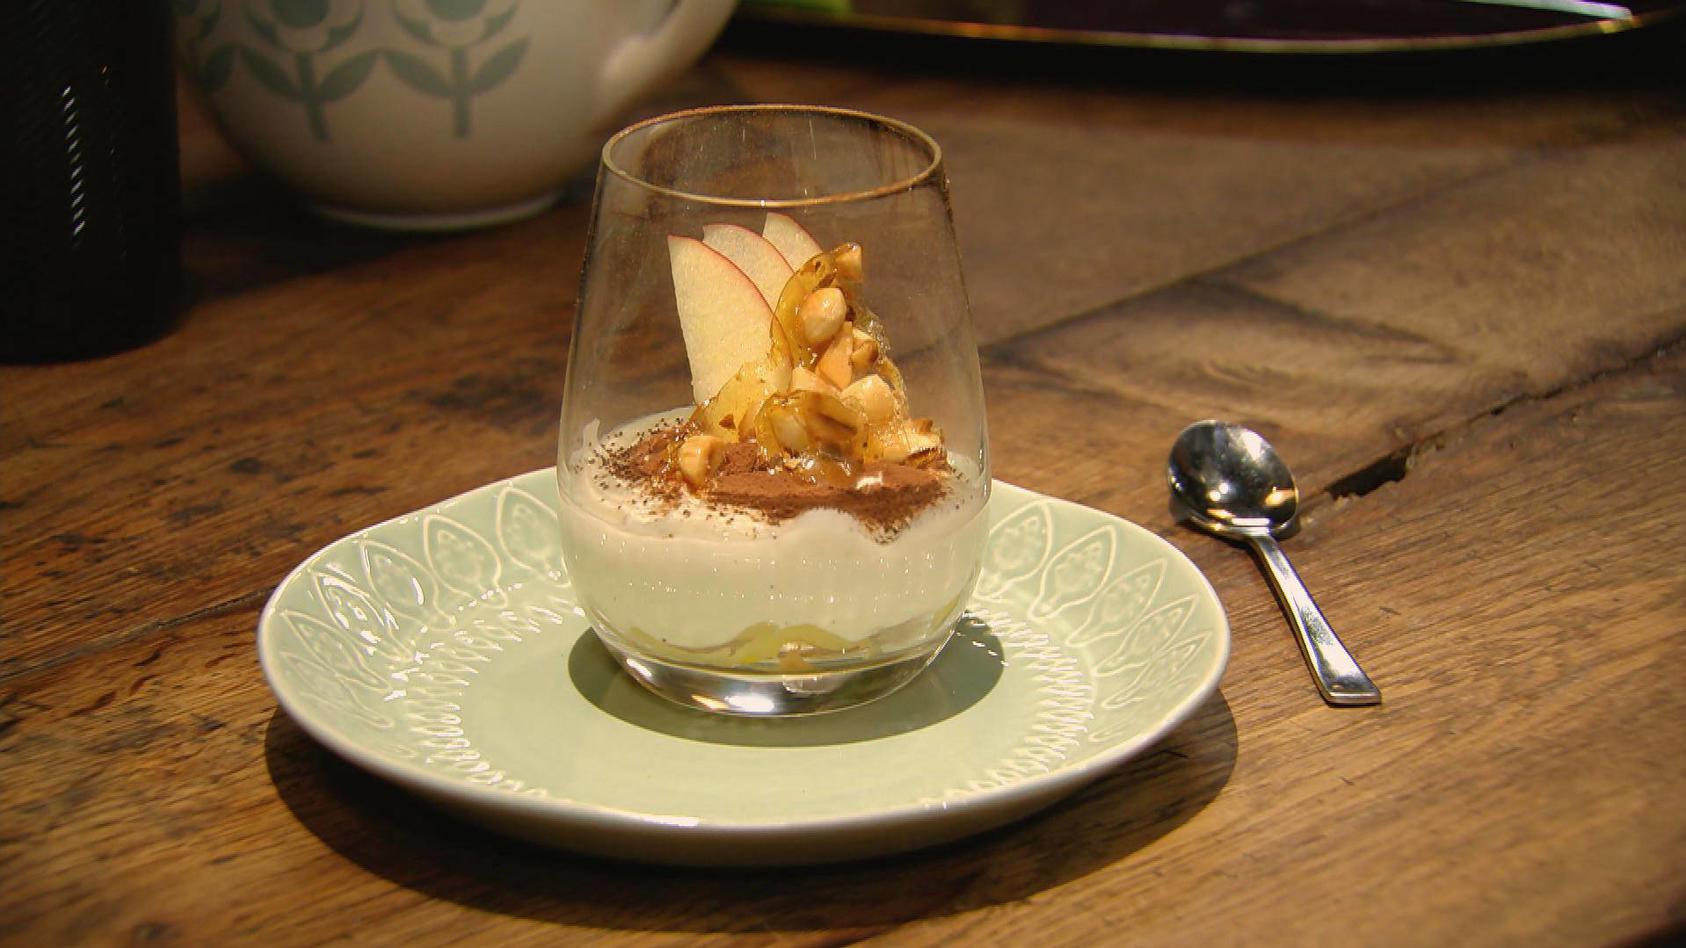 Gut geschichtet, auf nichts verzichtet: Apfel-Tiramisu mit Mandel-Crunch